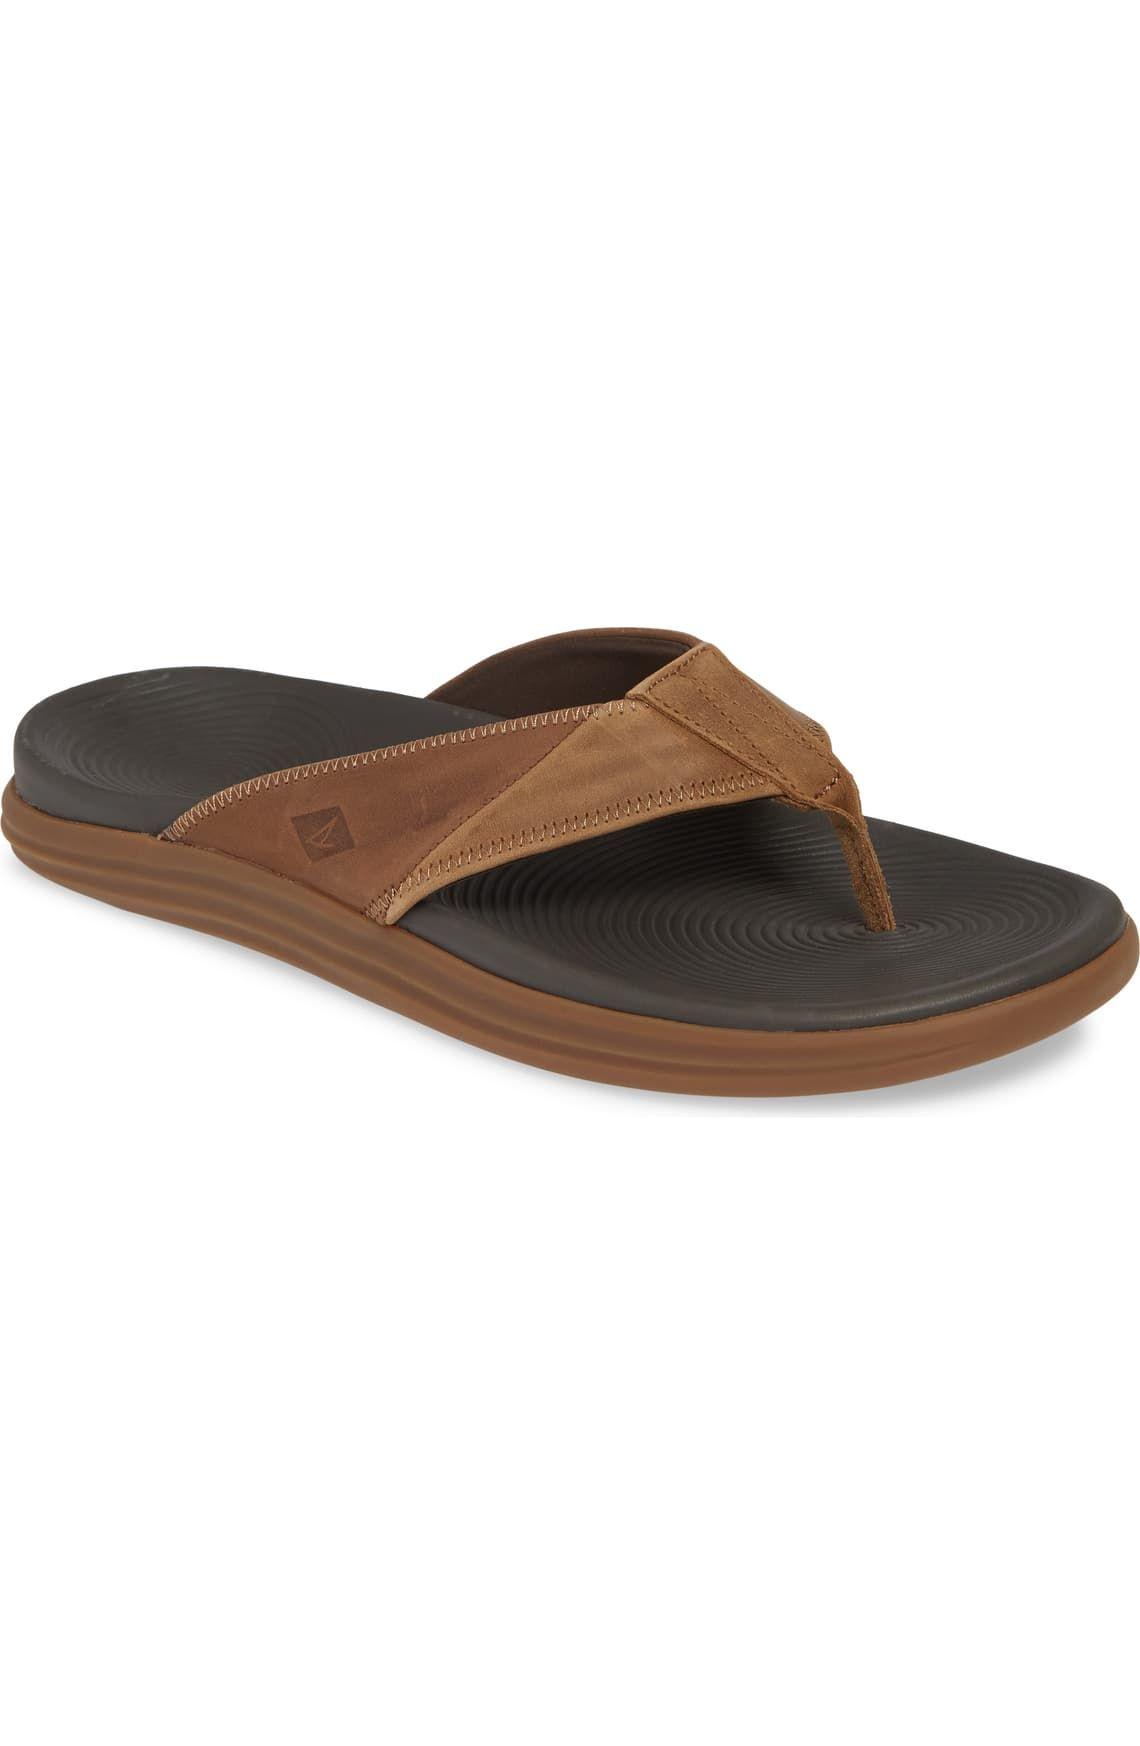 Mens leather sandals, Flip flop shoes